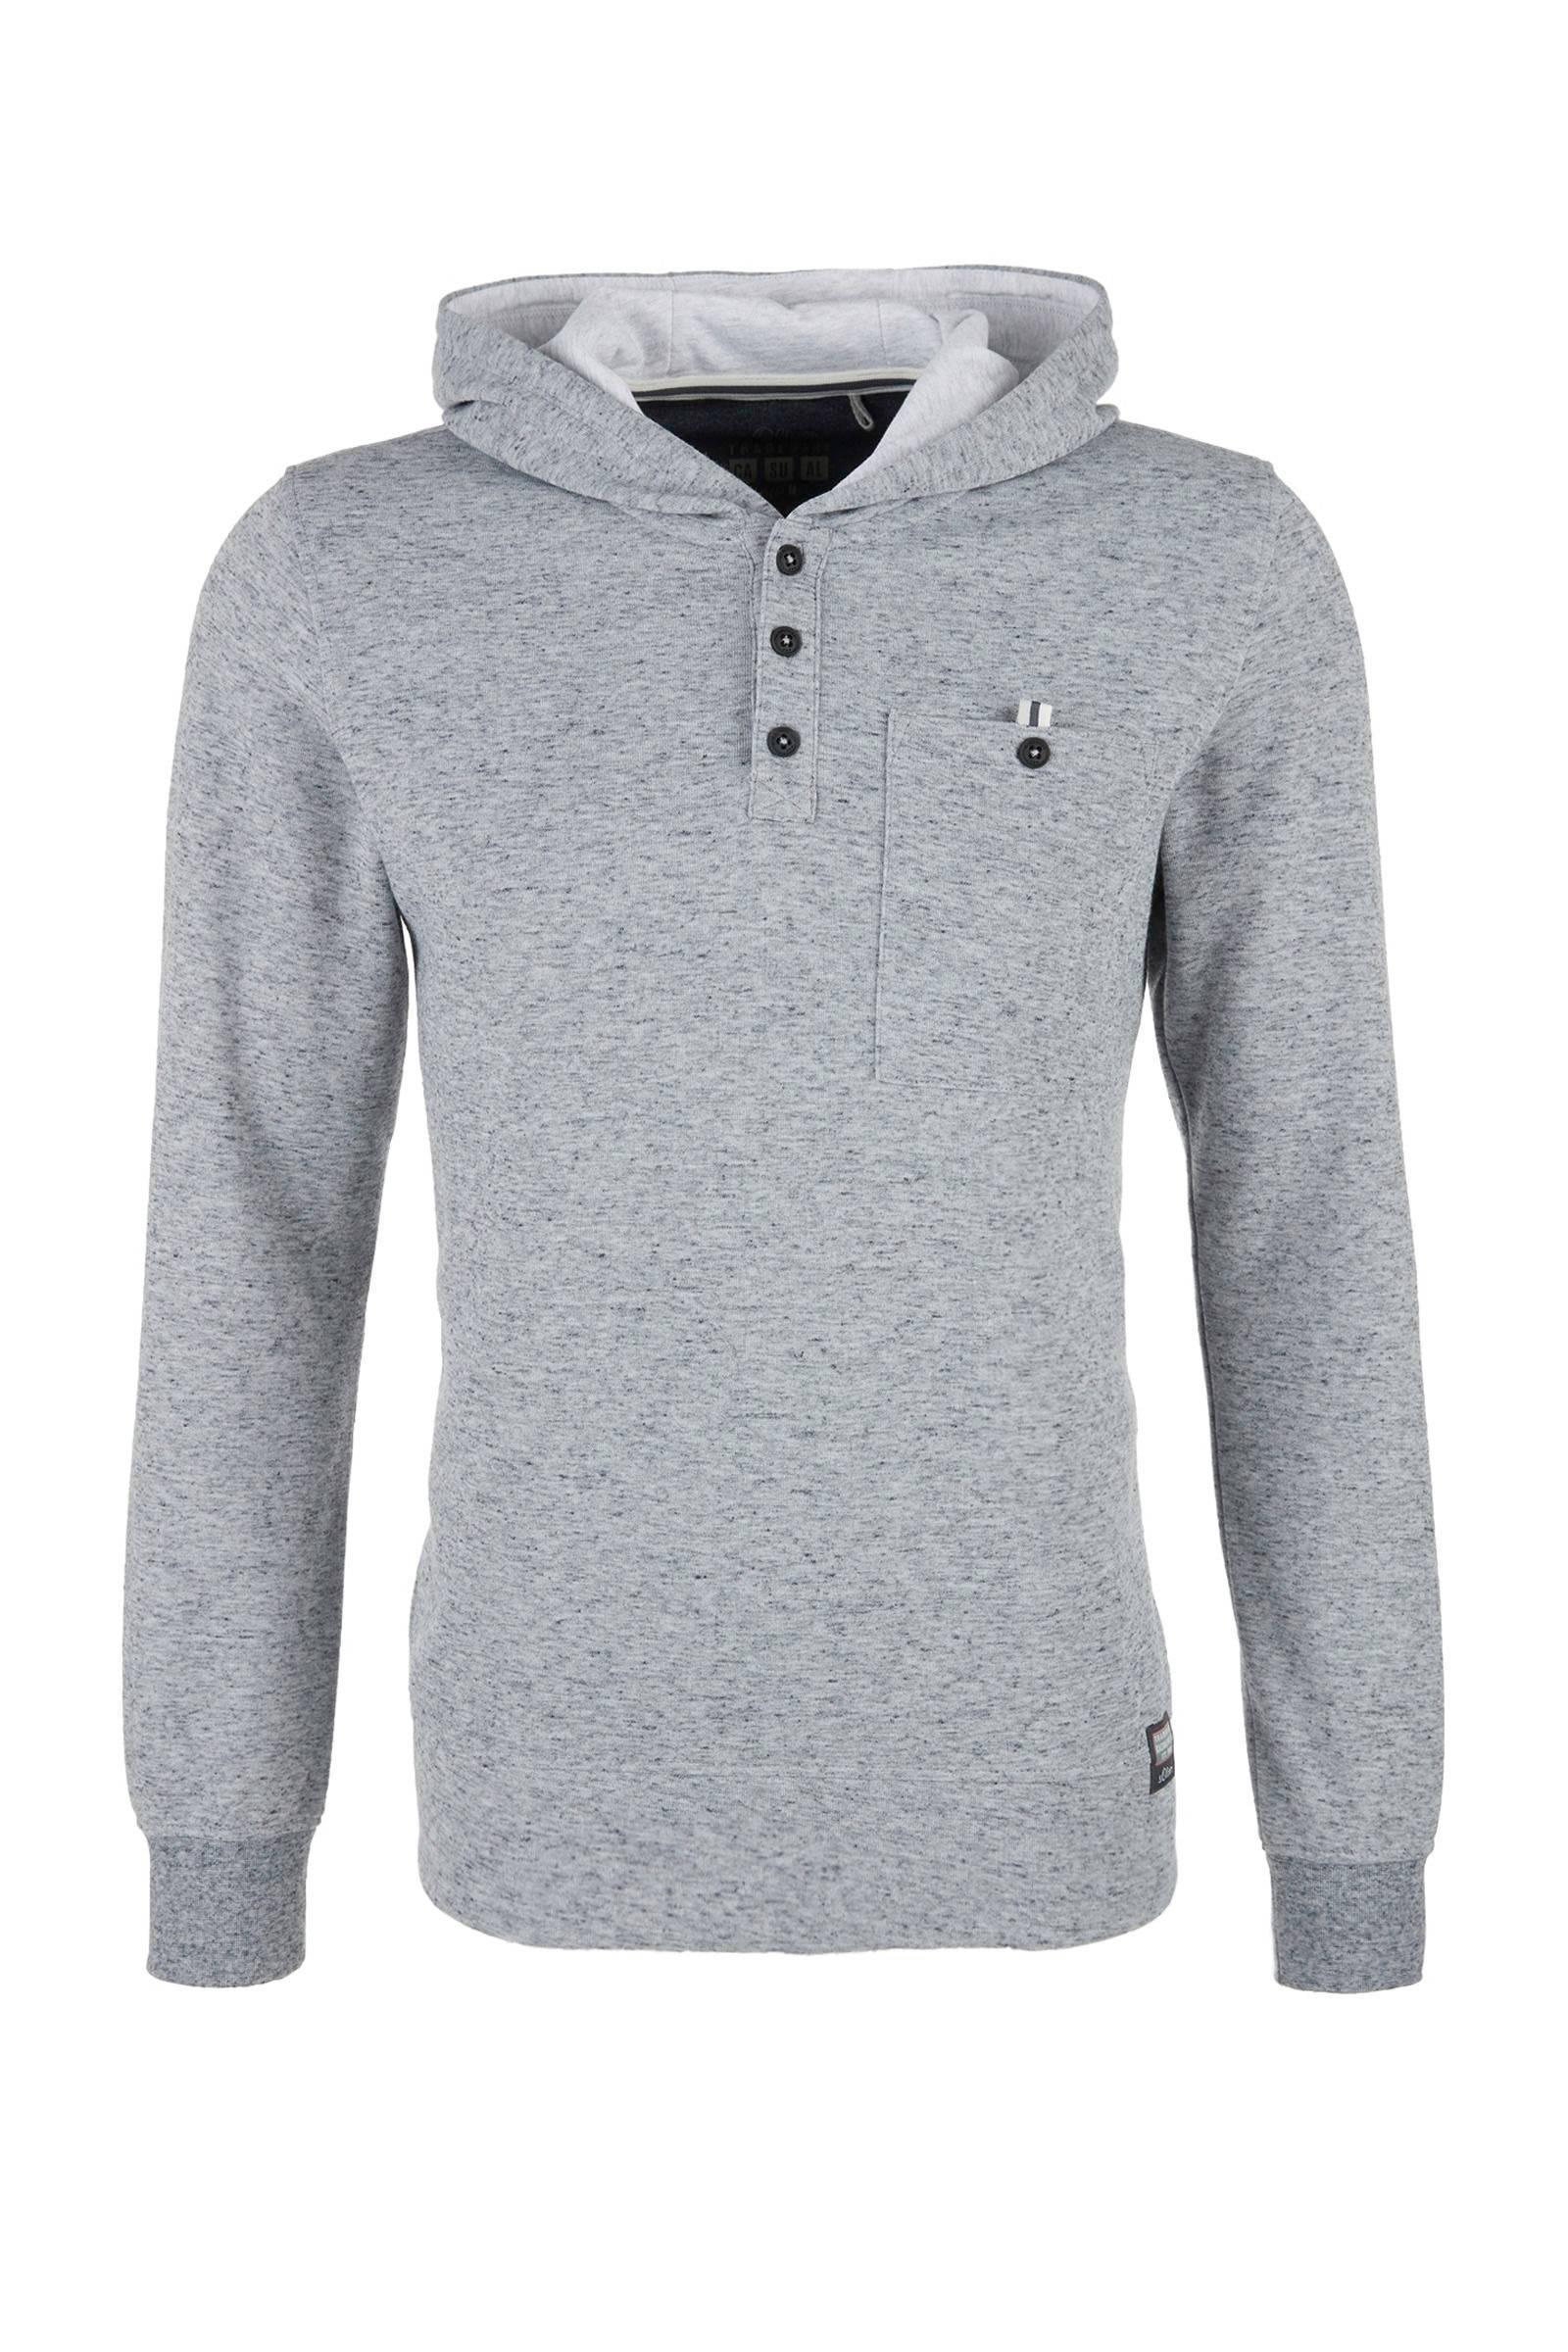 s.Oliver  gemêleerde sweater grijs (heren)